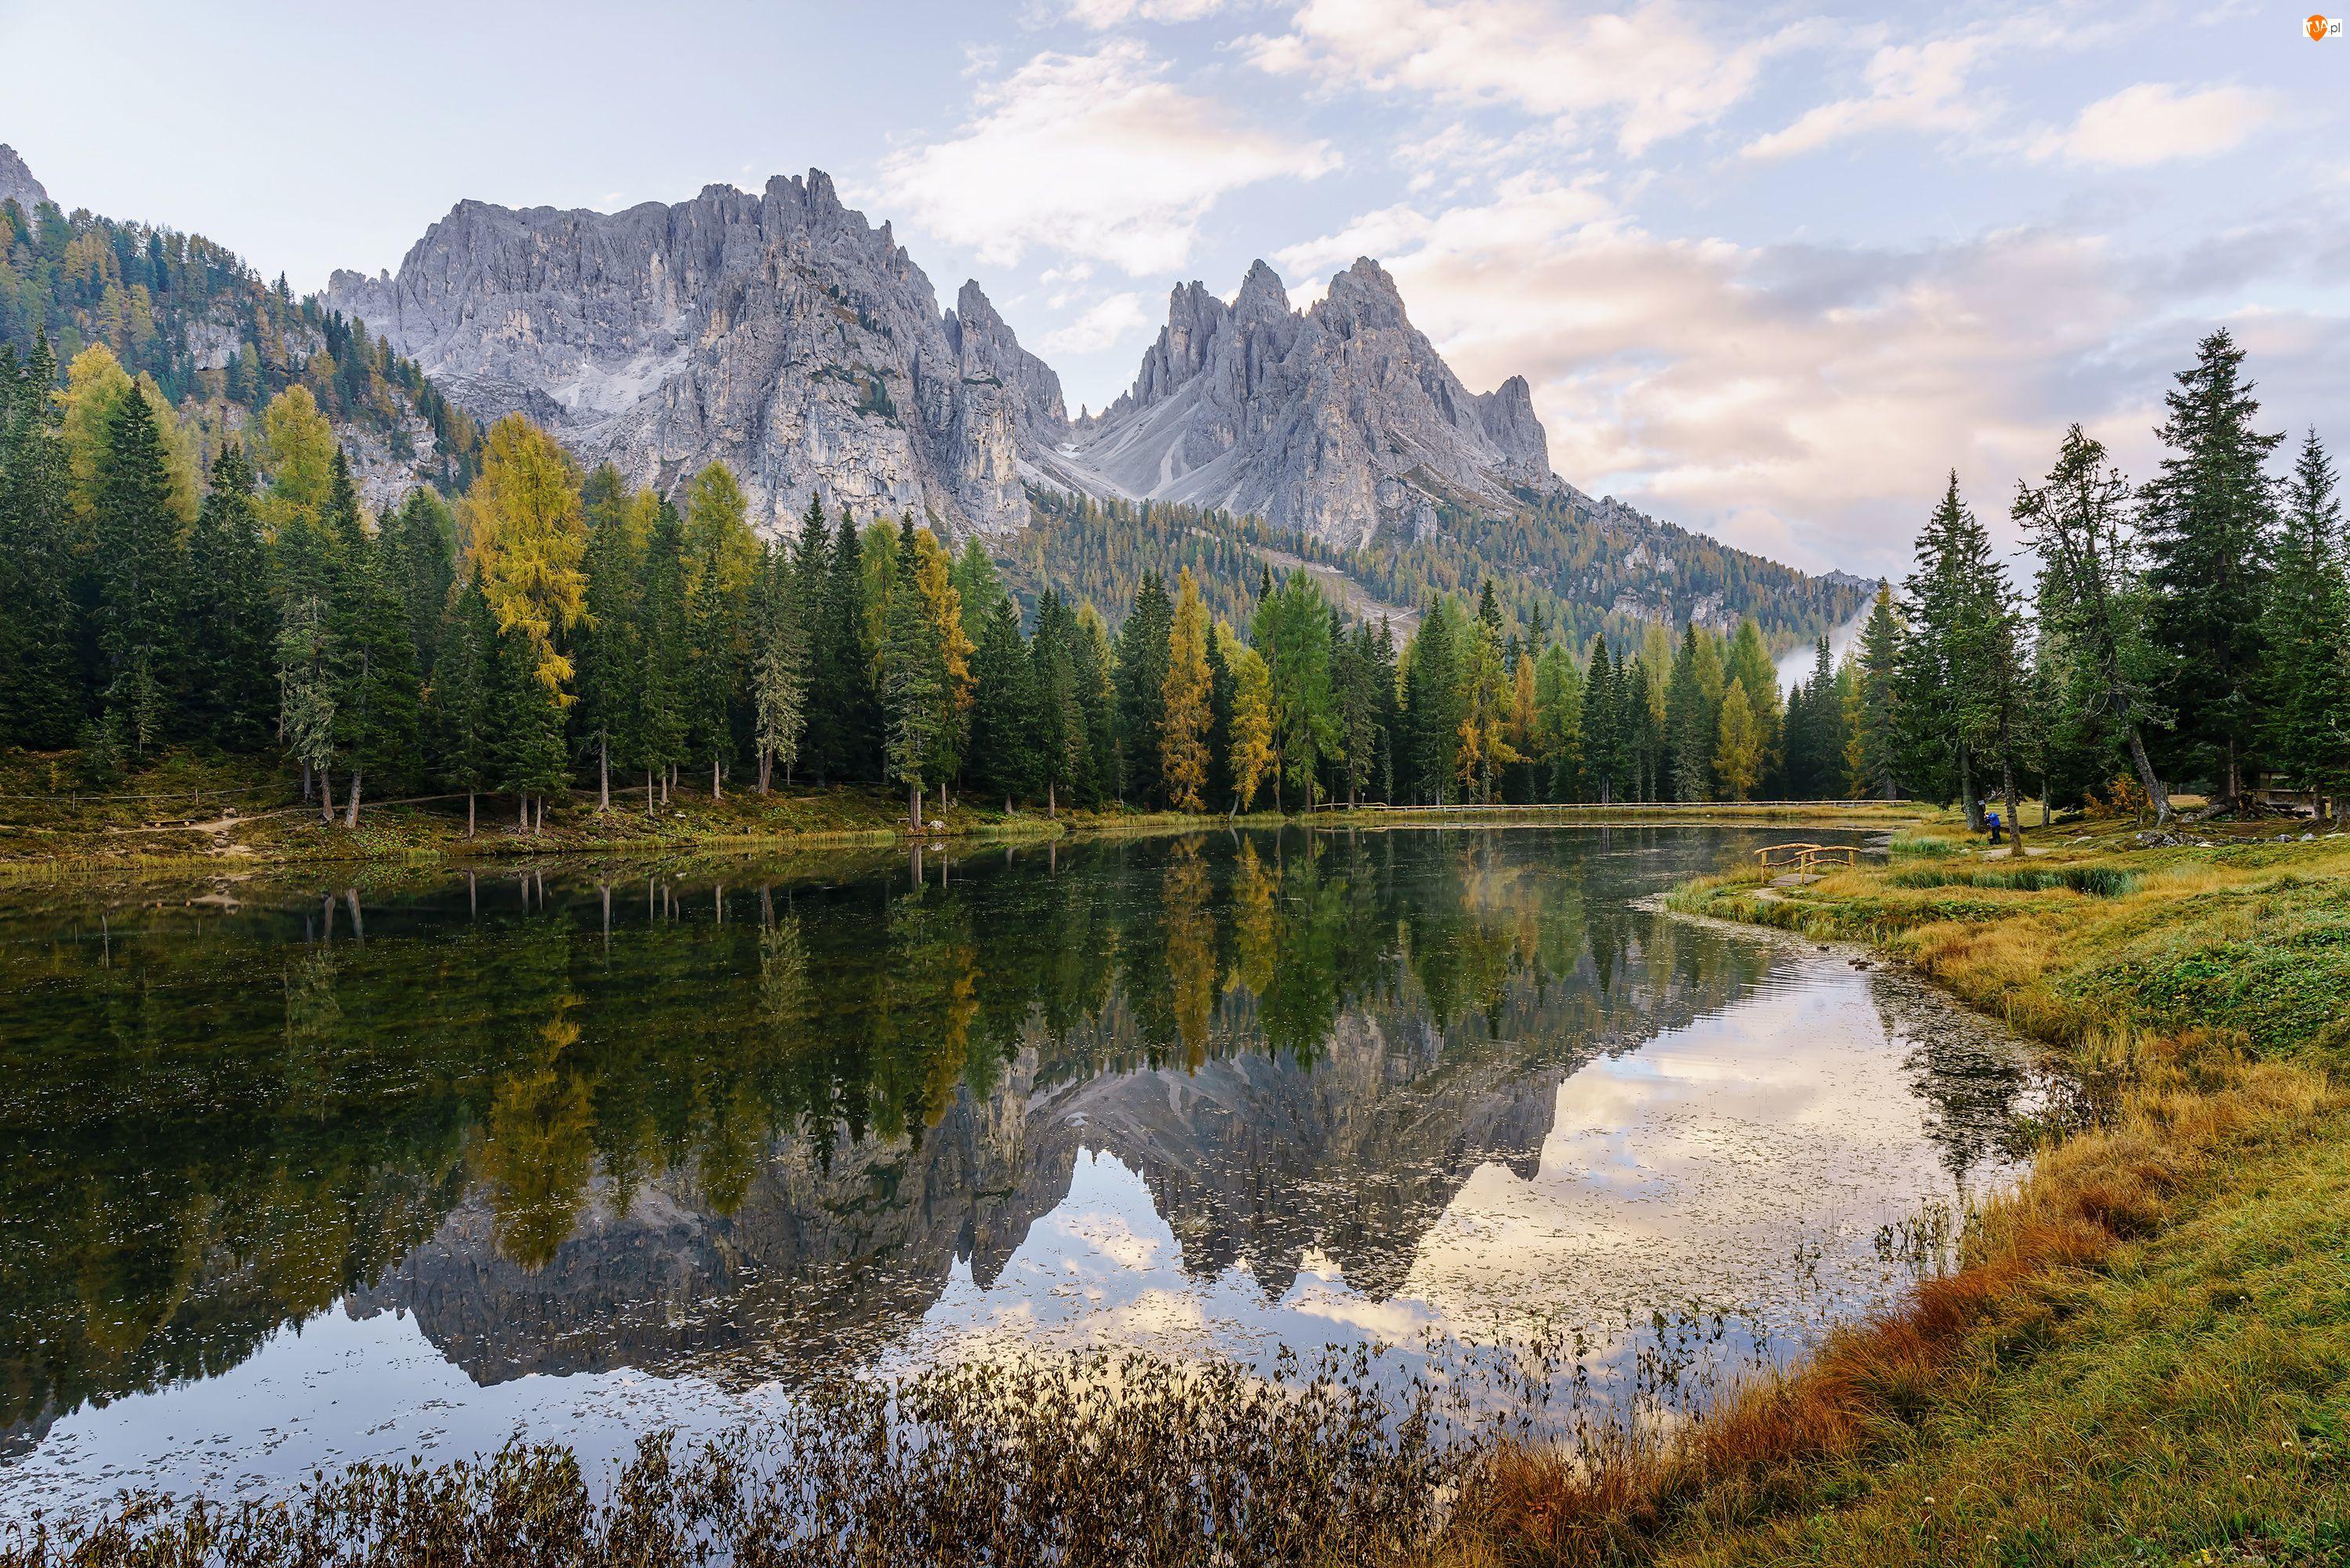 Drzewa, Góry, Dolomity, Włochy, Trawa, Jezioro Lago di Antorno, Las